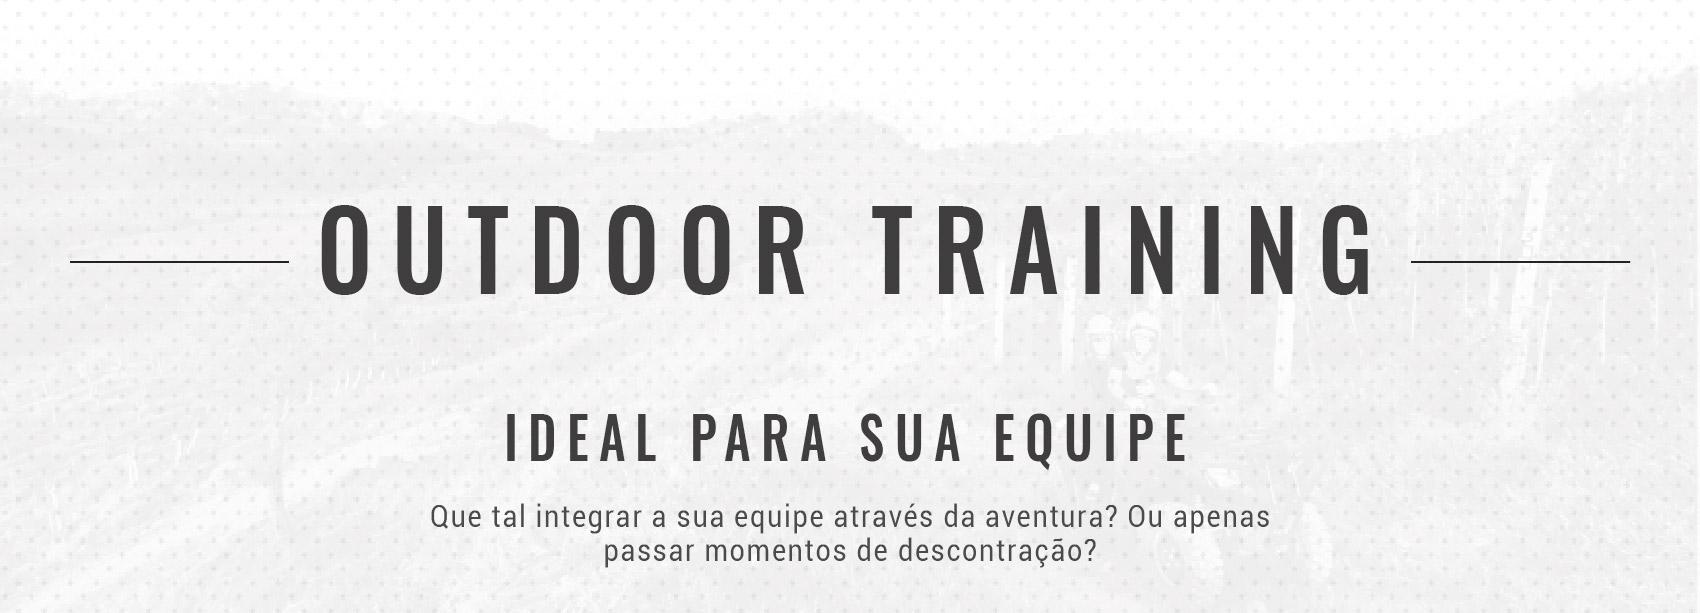 outdoor-training-vale-dos-vinhedos-bg-2